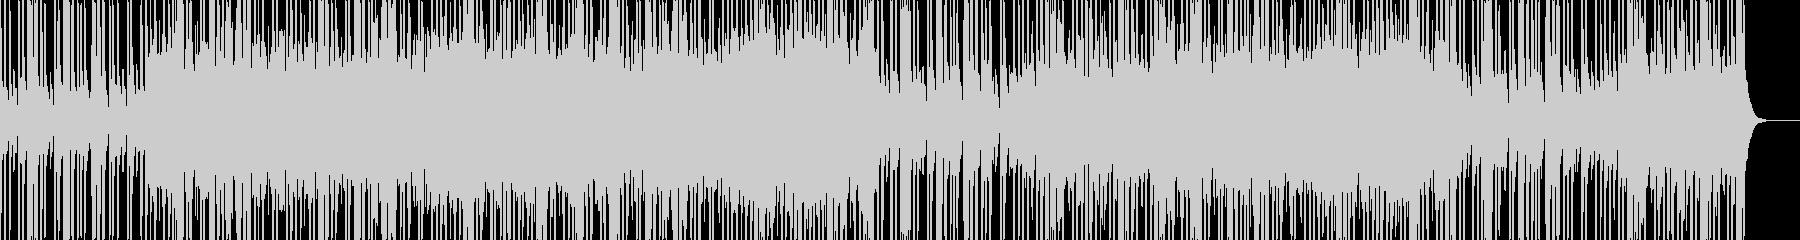 神秘的、幻想的なエレクトロミュージックの未再生の波形